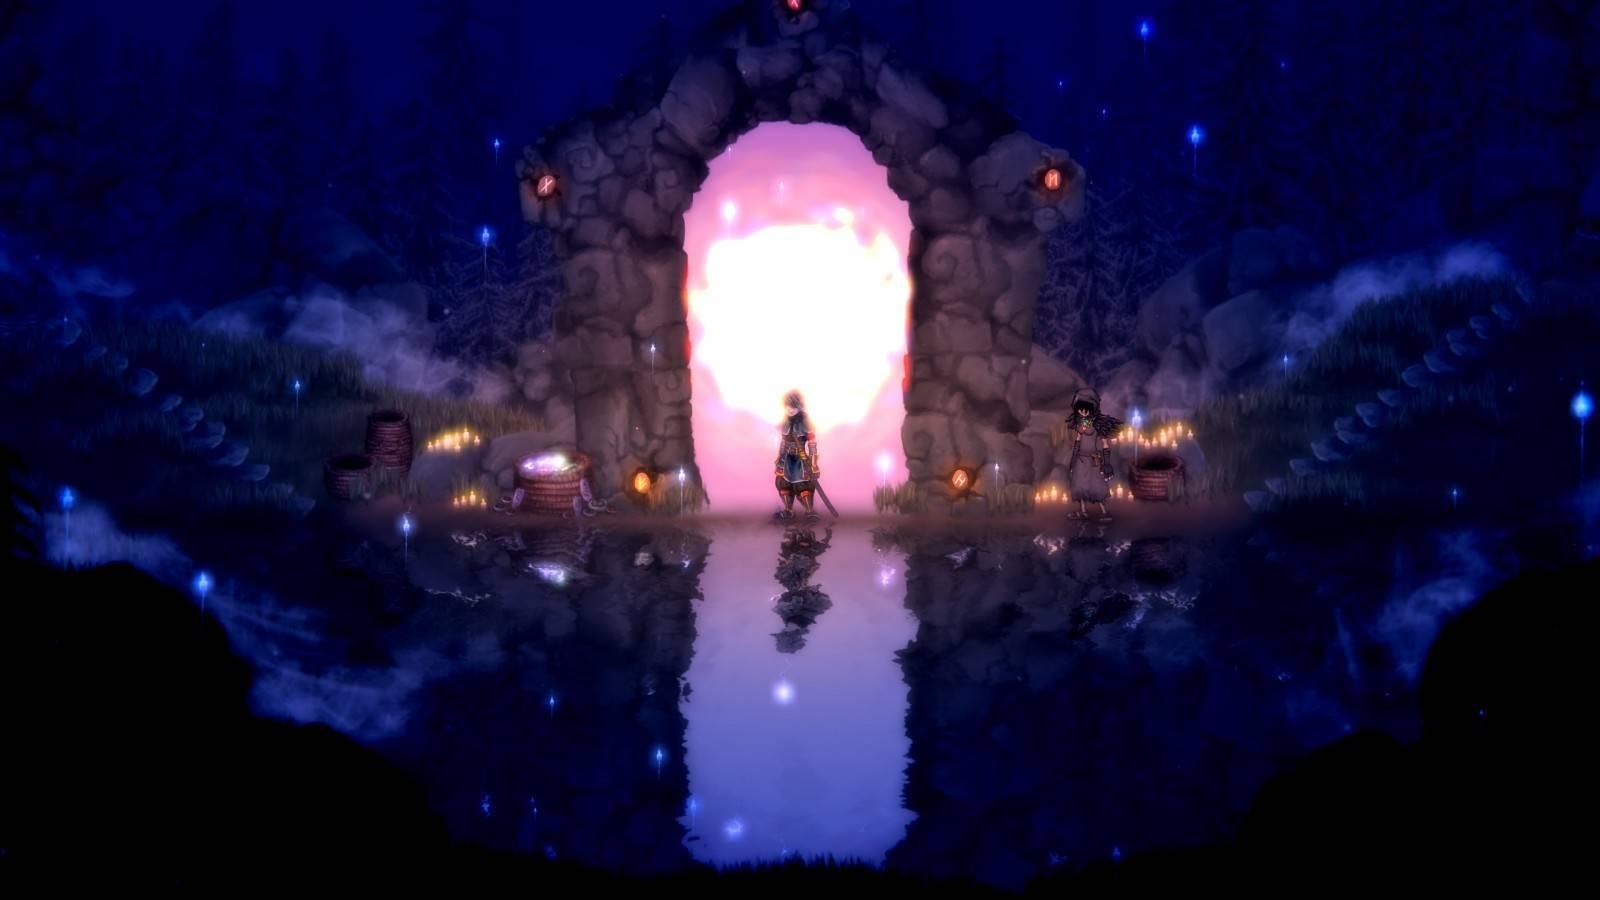 Salt and Sacrifice libera nuevo gameplay de 10 minutos en donde deja ver su hermoso arte y su elevada dificultad.